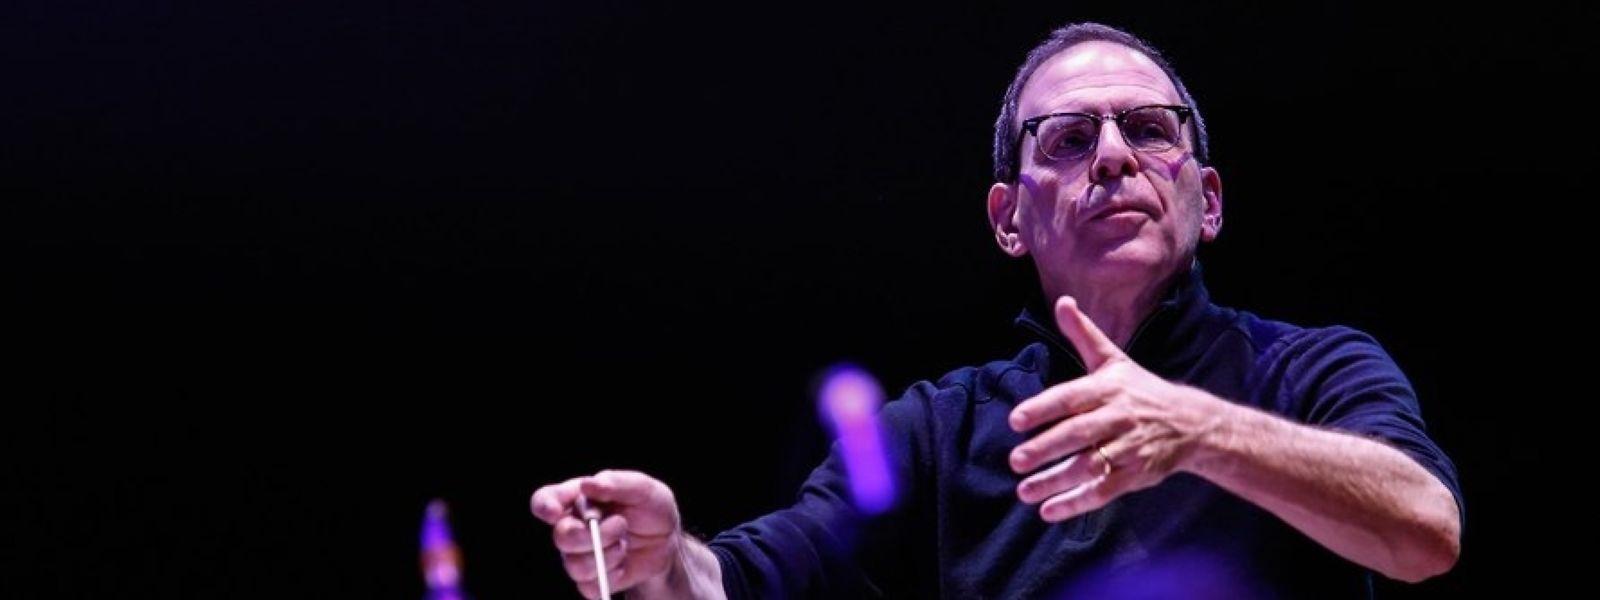 Der US-amerikanische und in London lebende Dirigent Robert Ziegler erlitt vor den Augen der Musiker und Zuschauer am Samstagabend auf der Bühne der Philharmonie einen Schwächenanfall.